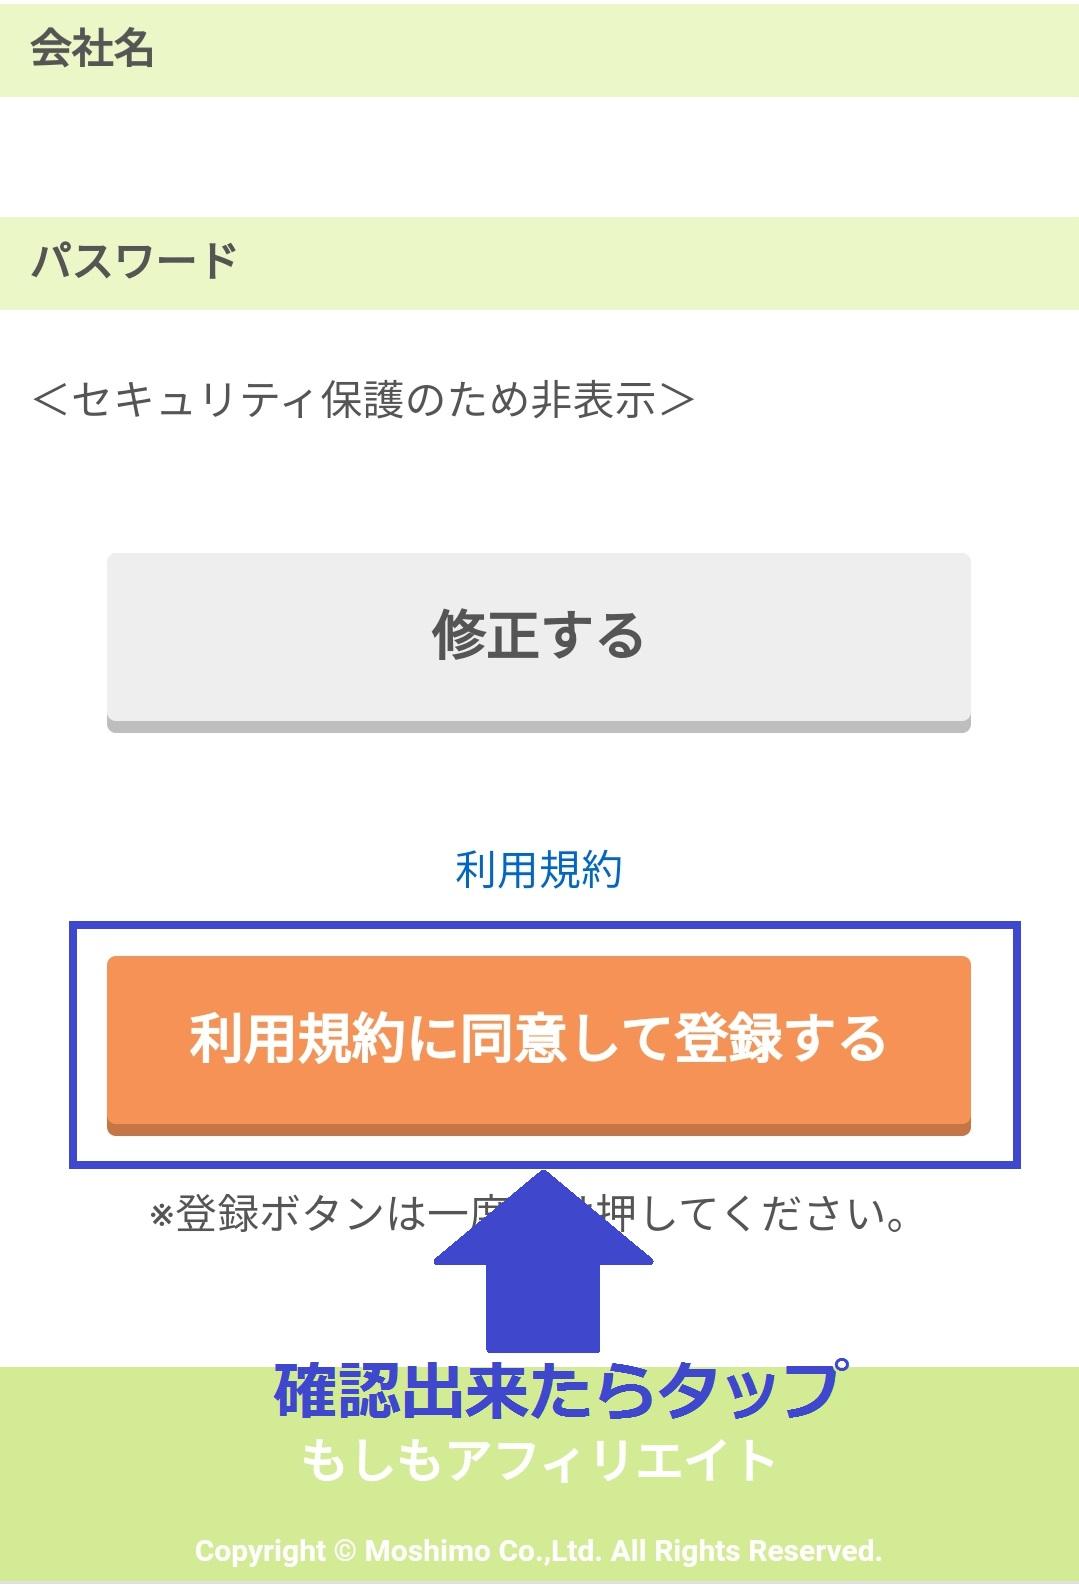 スマホでブログの始め方を説明するもしもアフィリエイトの本登録内容の確認2